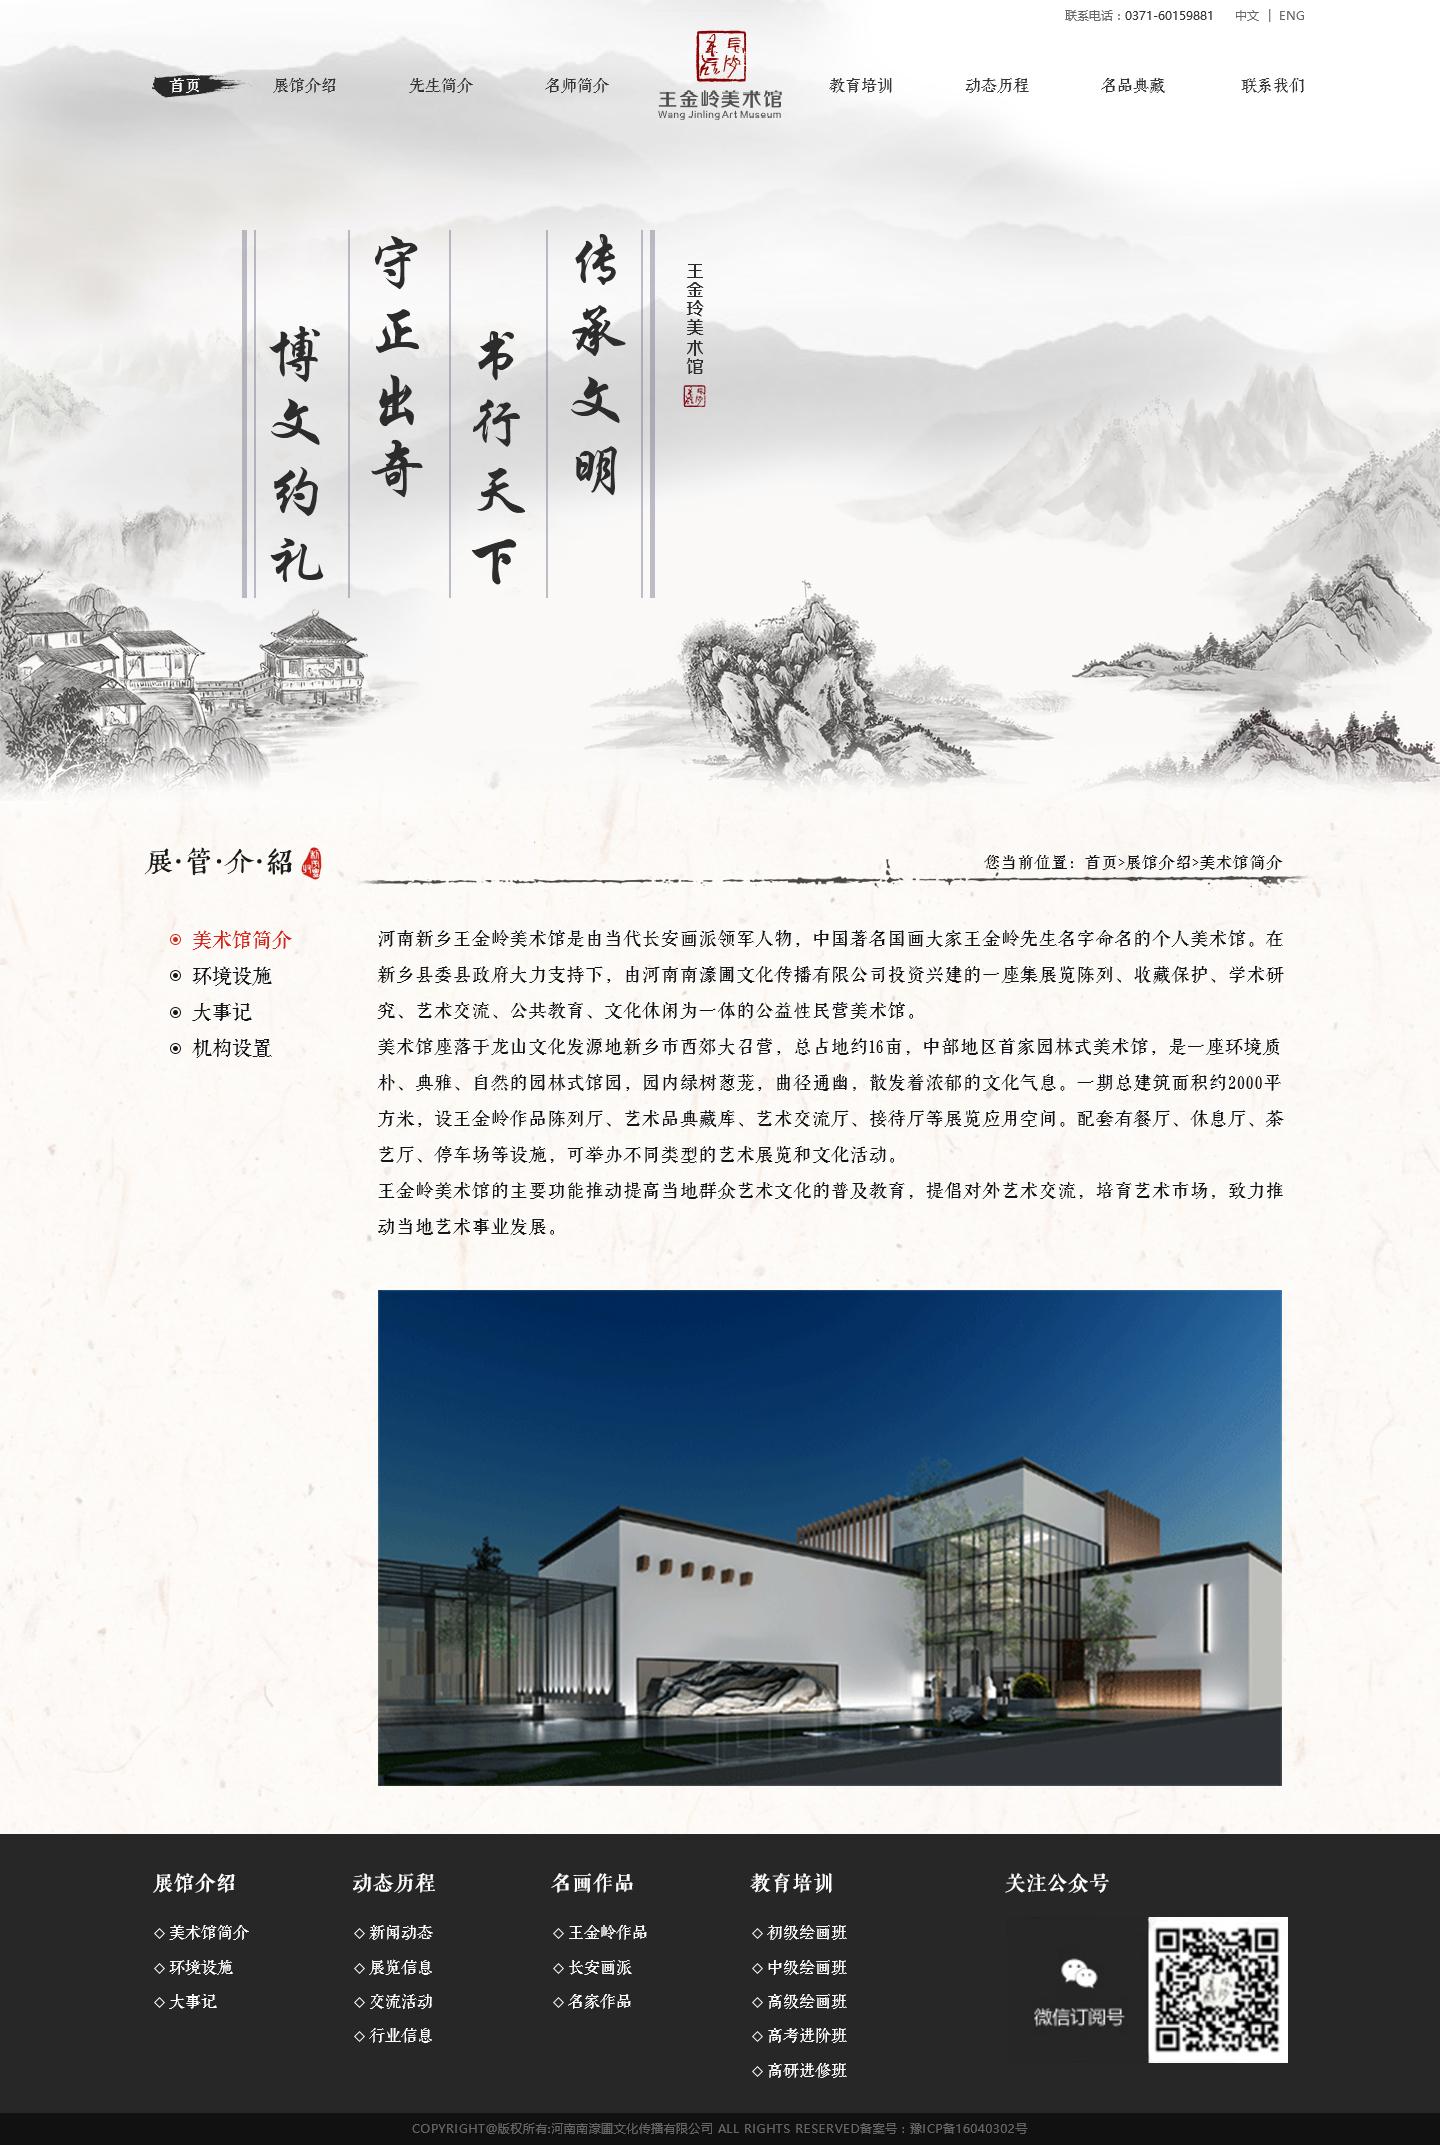 美术馆中国风/古风网页首页二级页图片